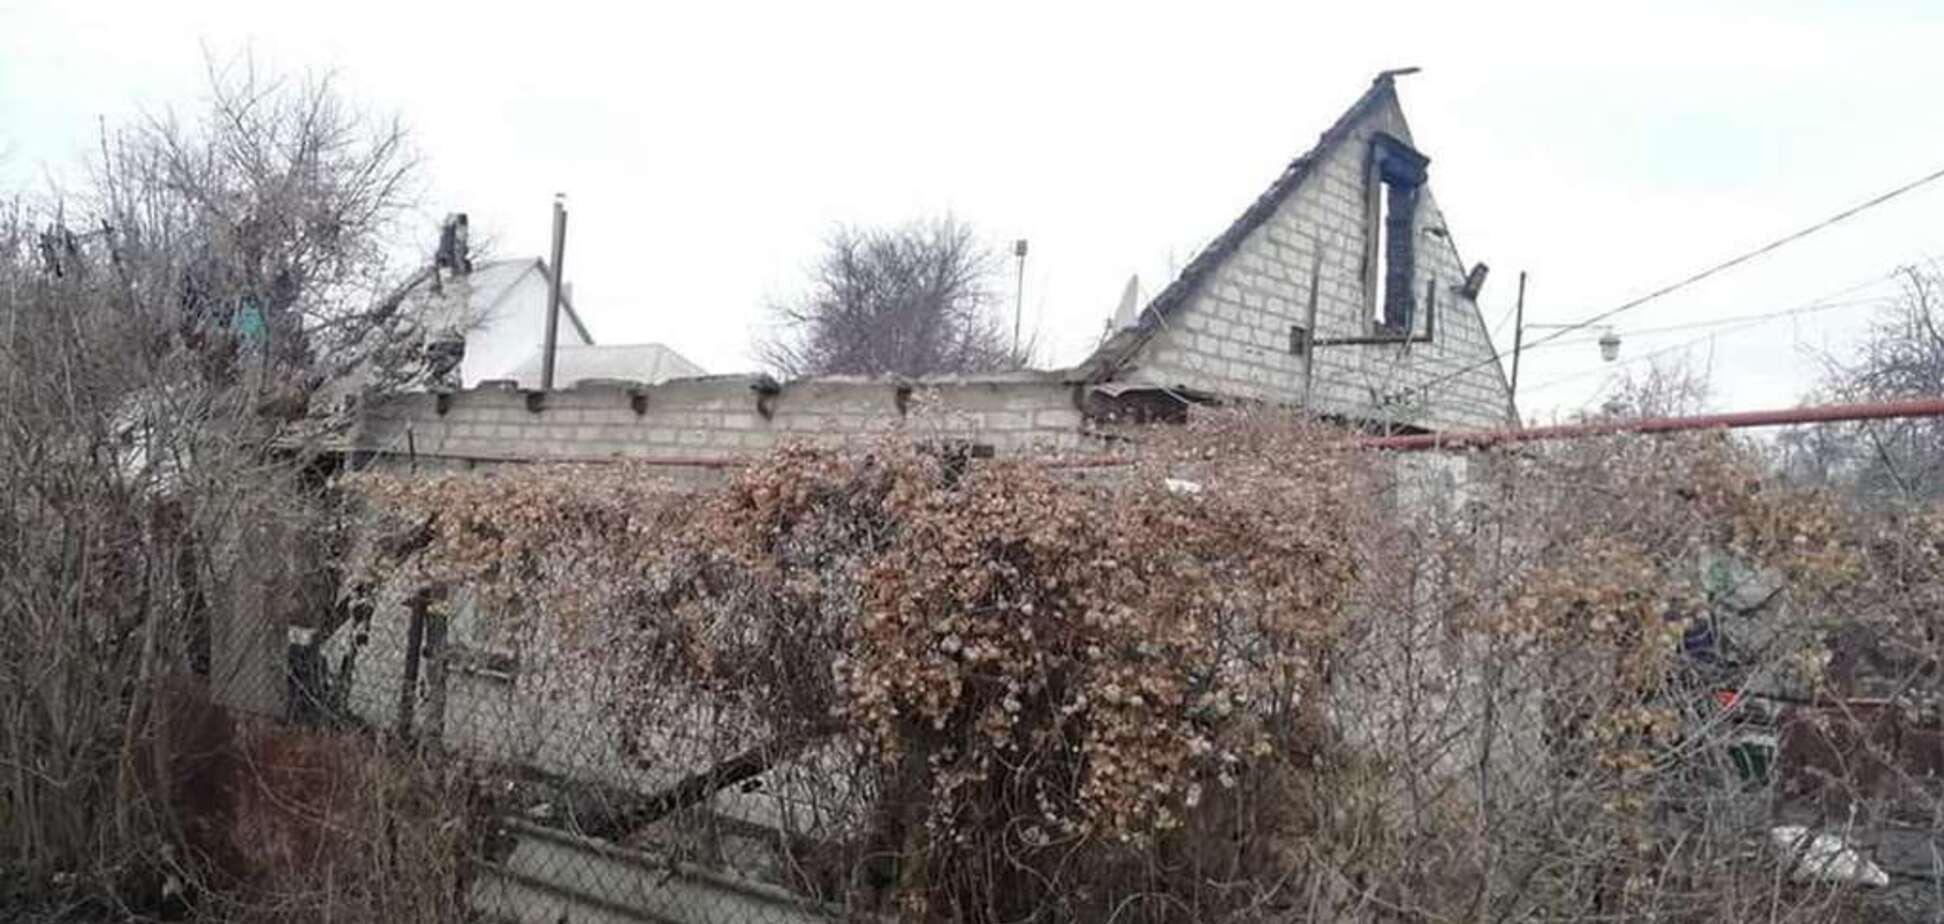 В Днепре дотла сгорел частный дом: люди собирают помощь пострадавшей семье. Фото